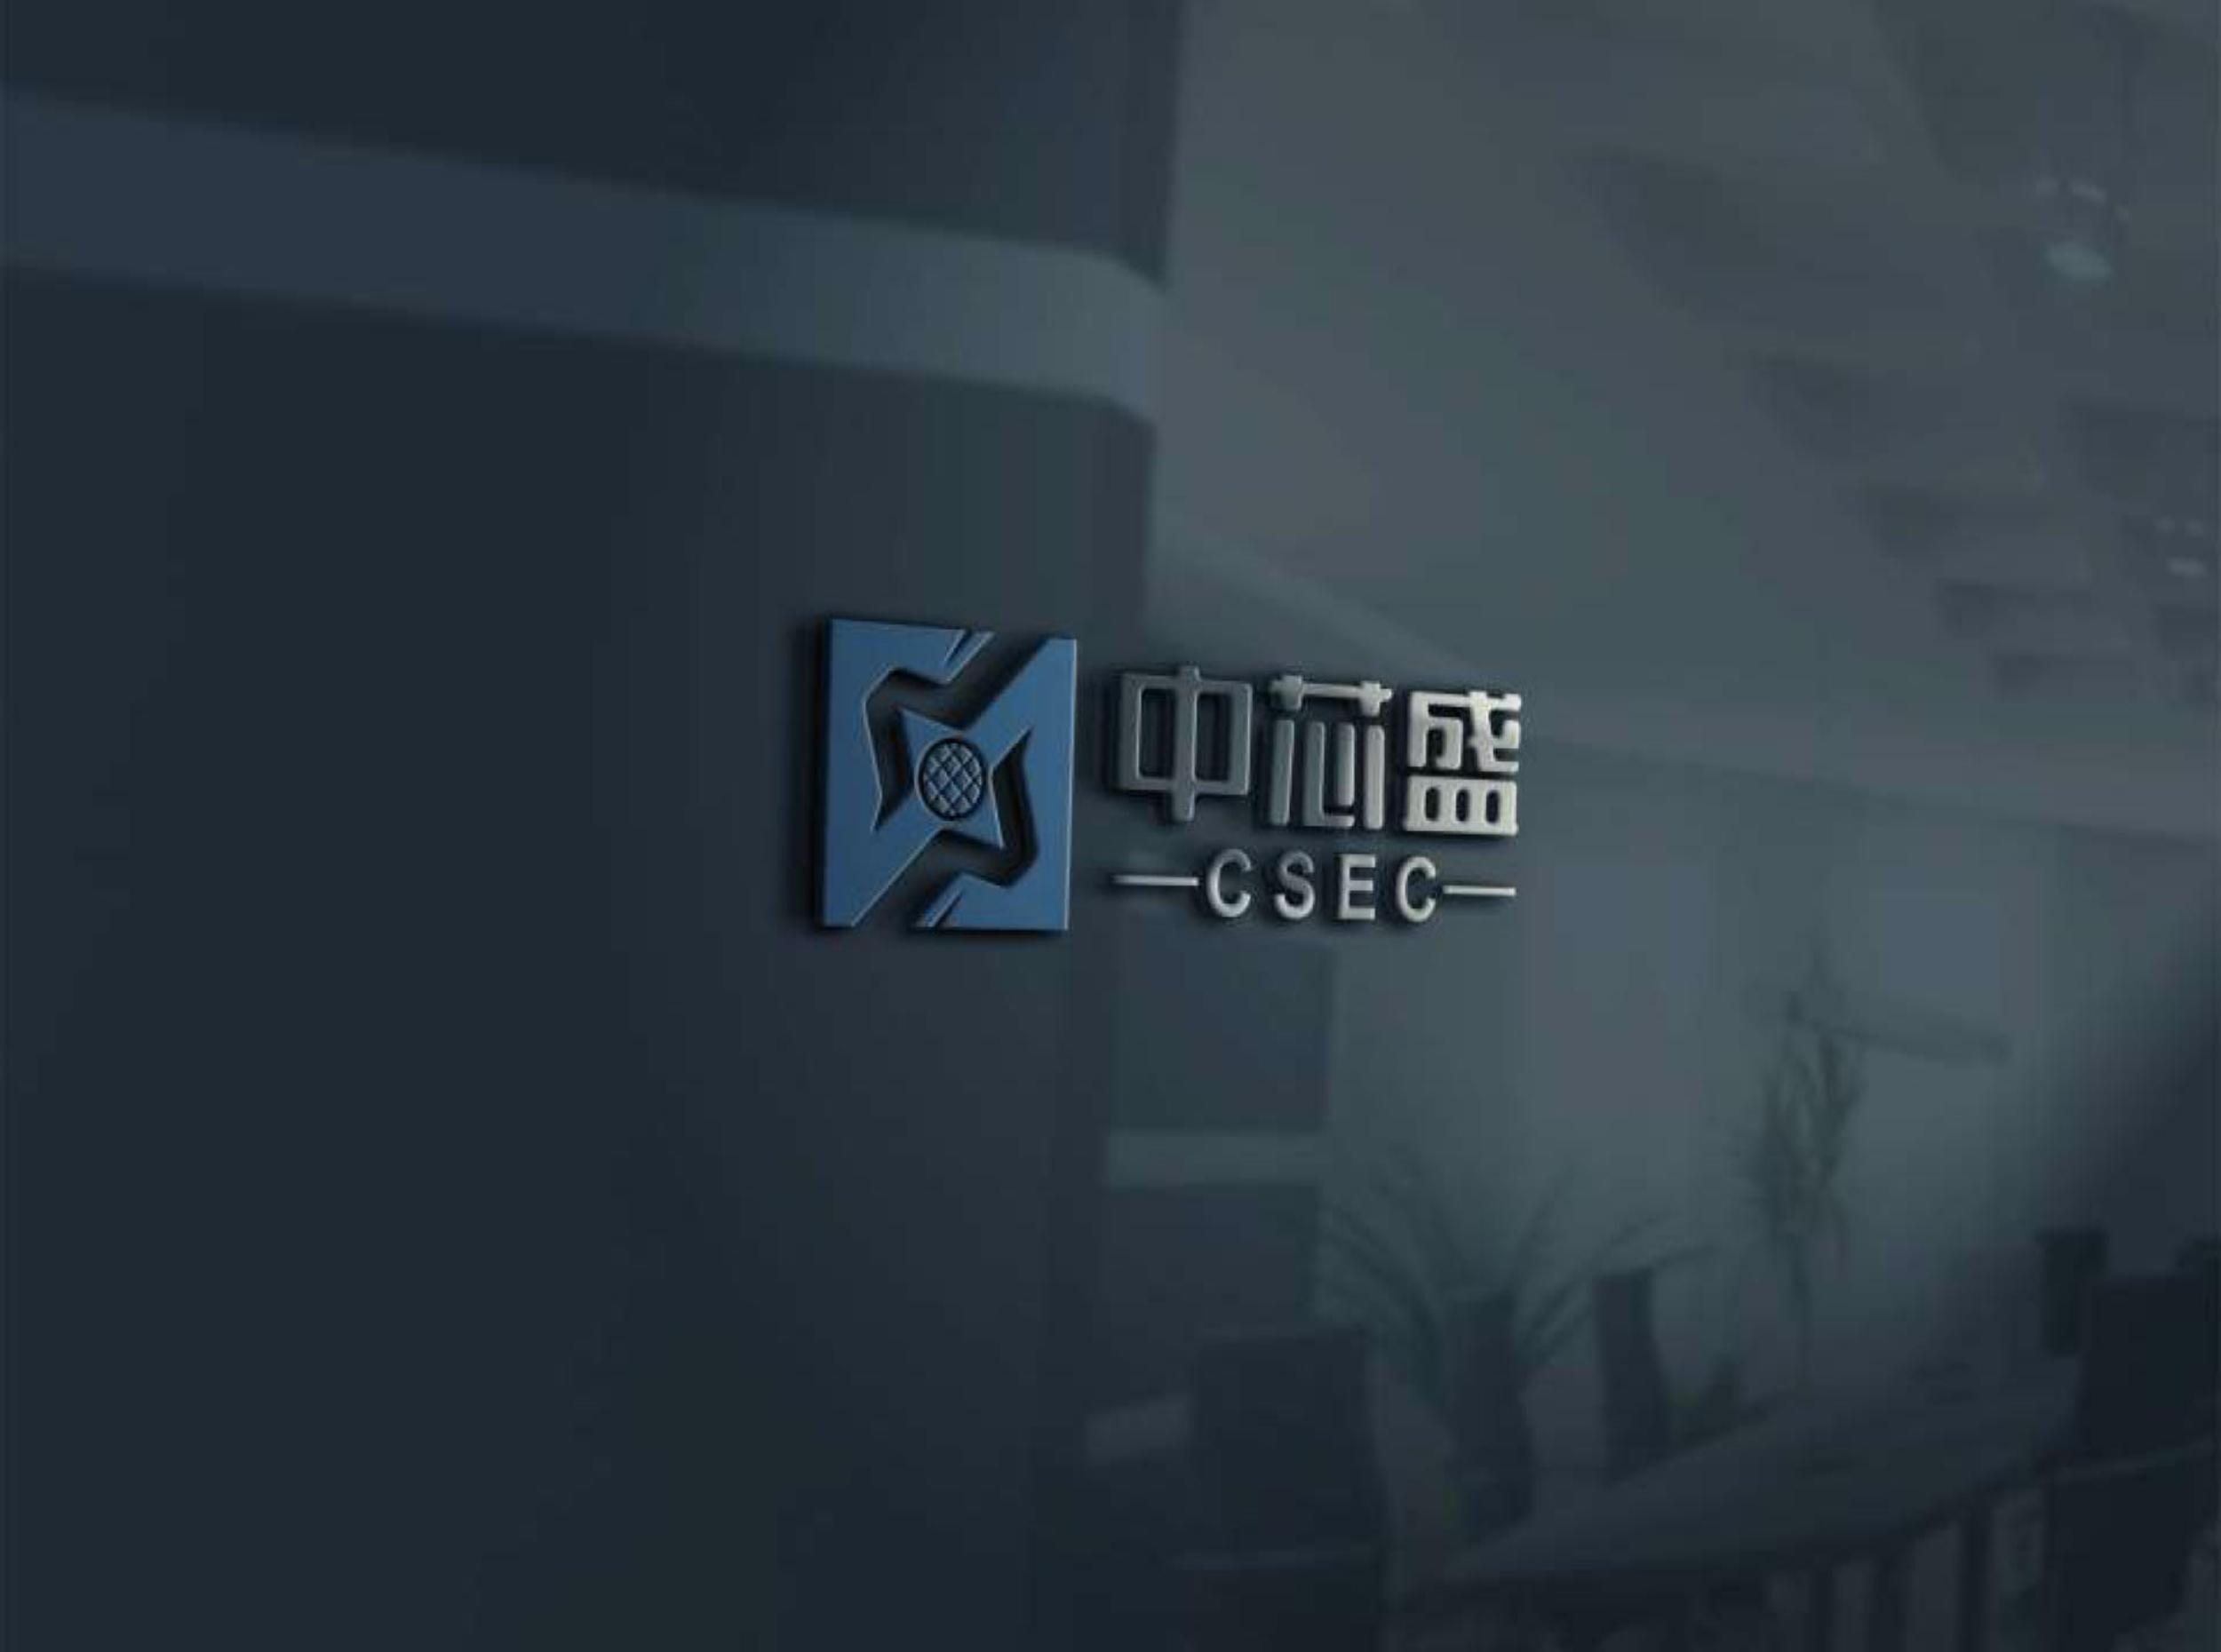 上海中芯盛半导体设备有限公司10